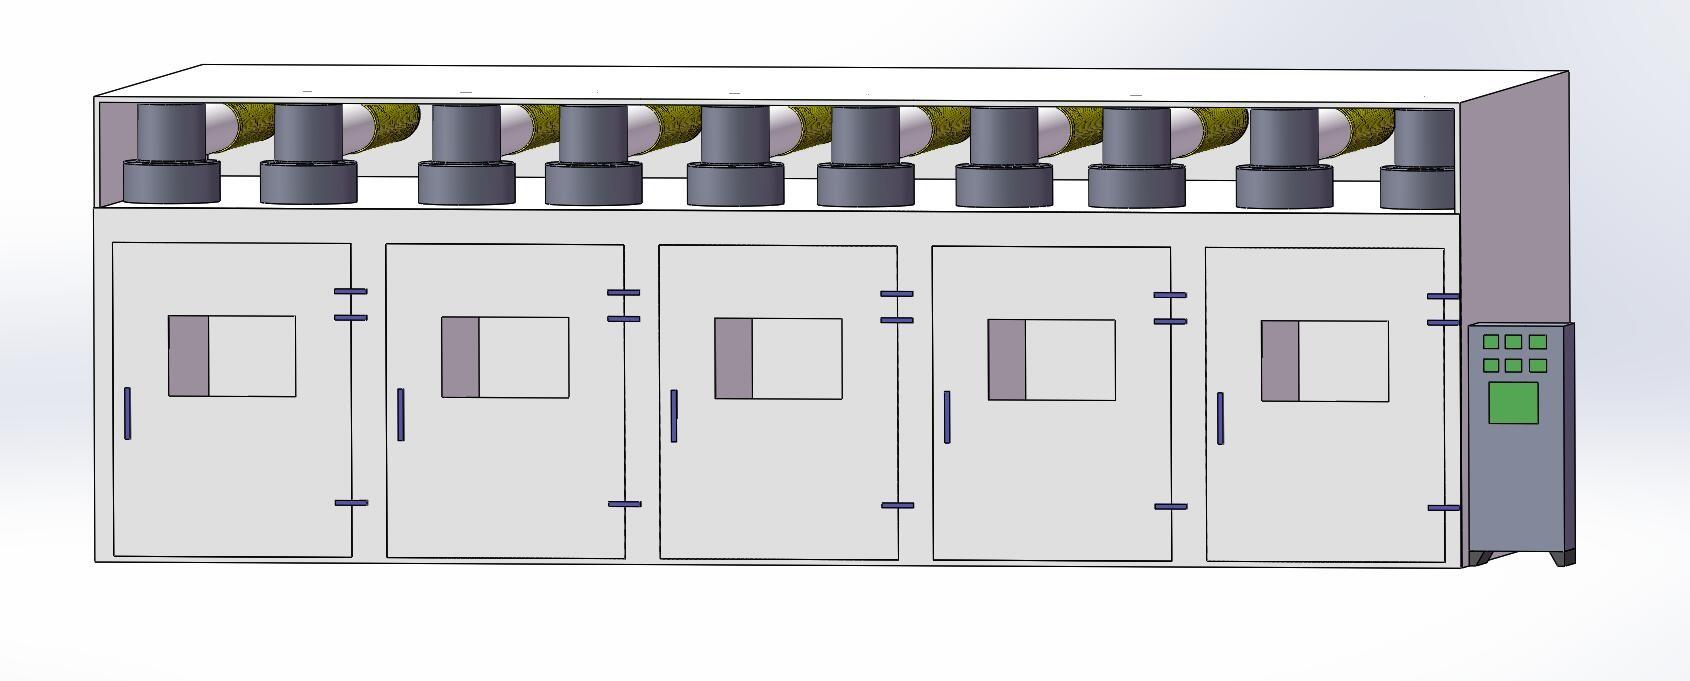 电磁烘烤机房设计图